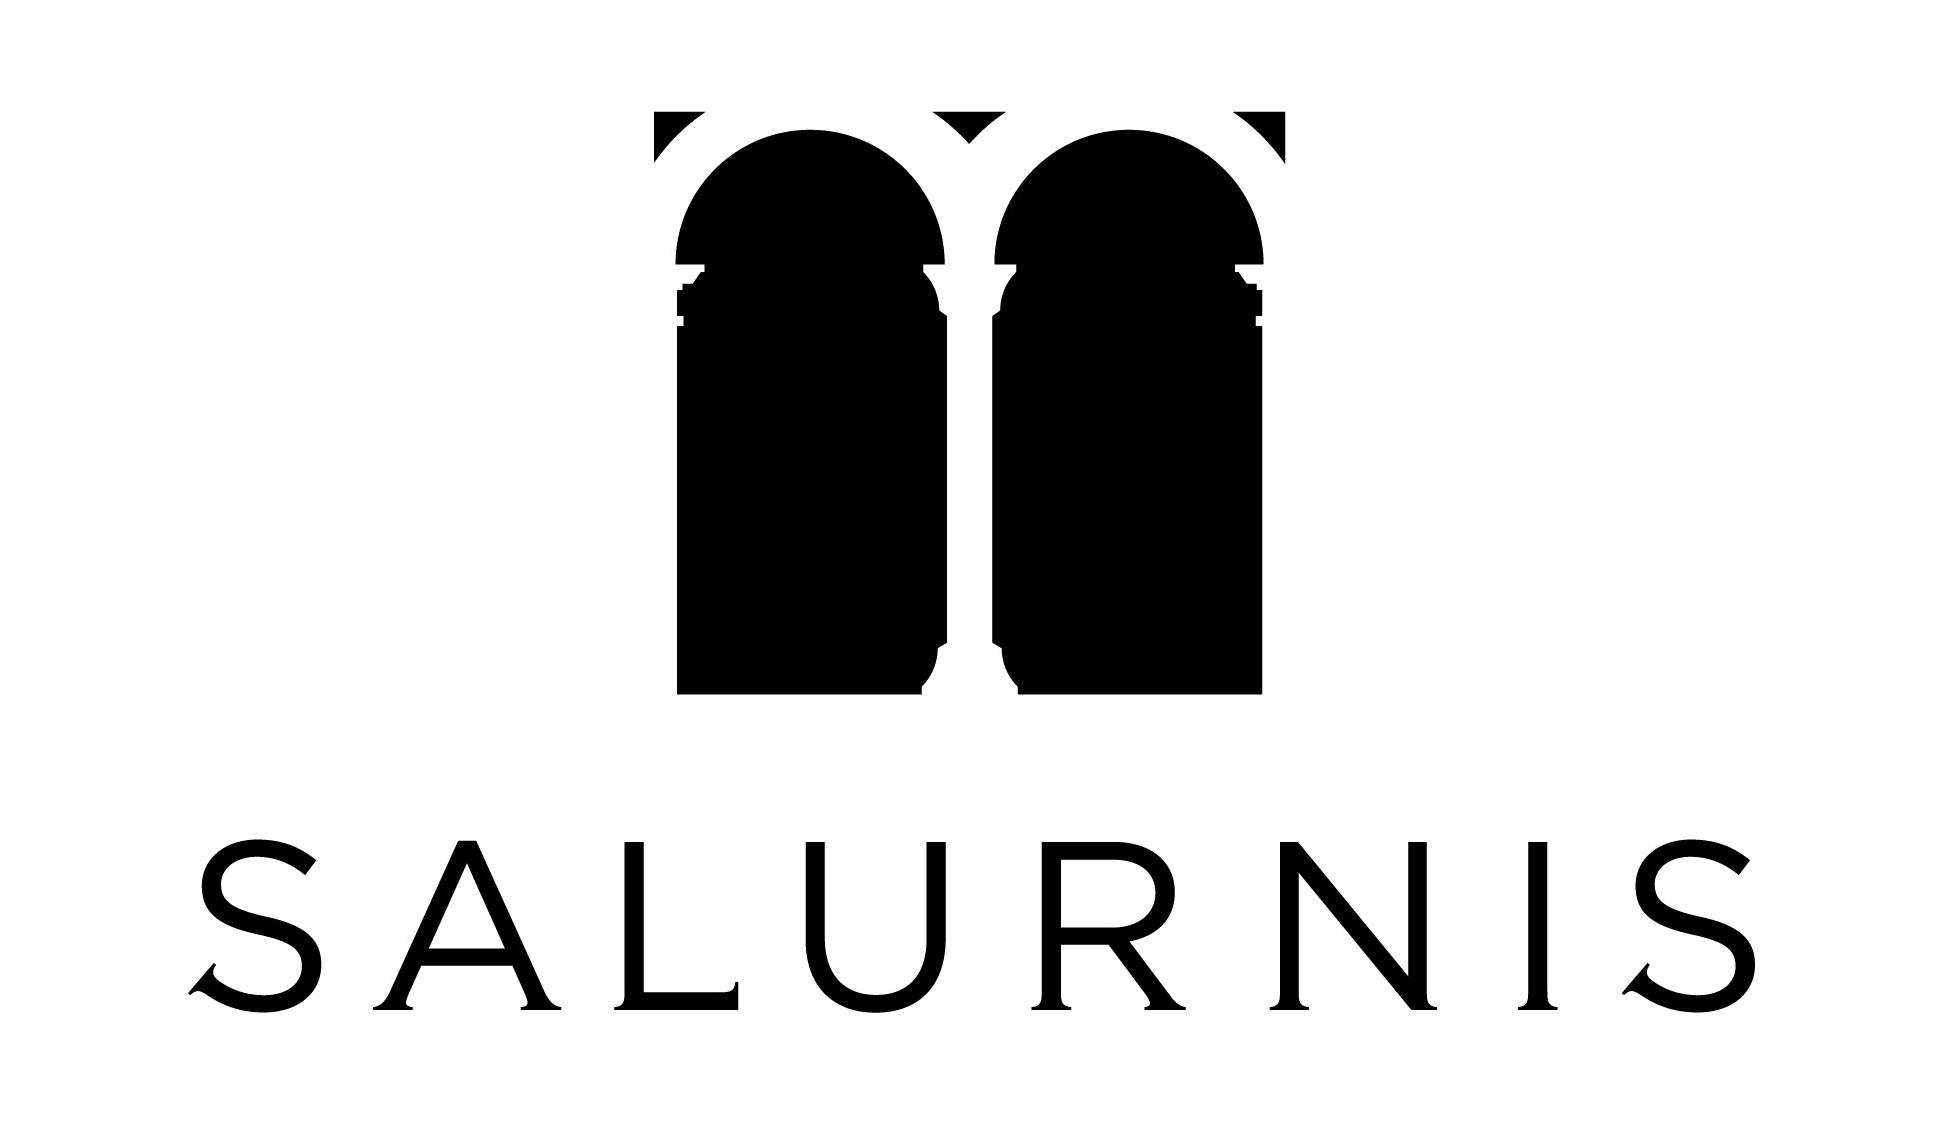 SALURNIS_logo_3.jpg